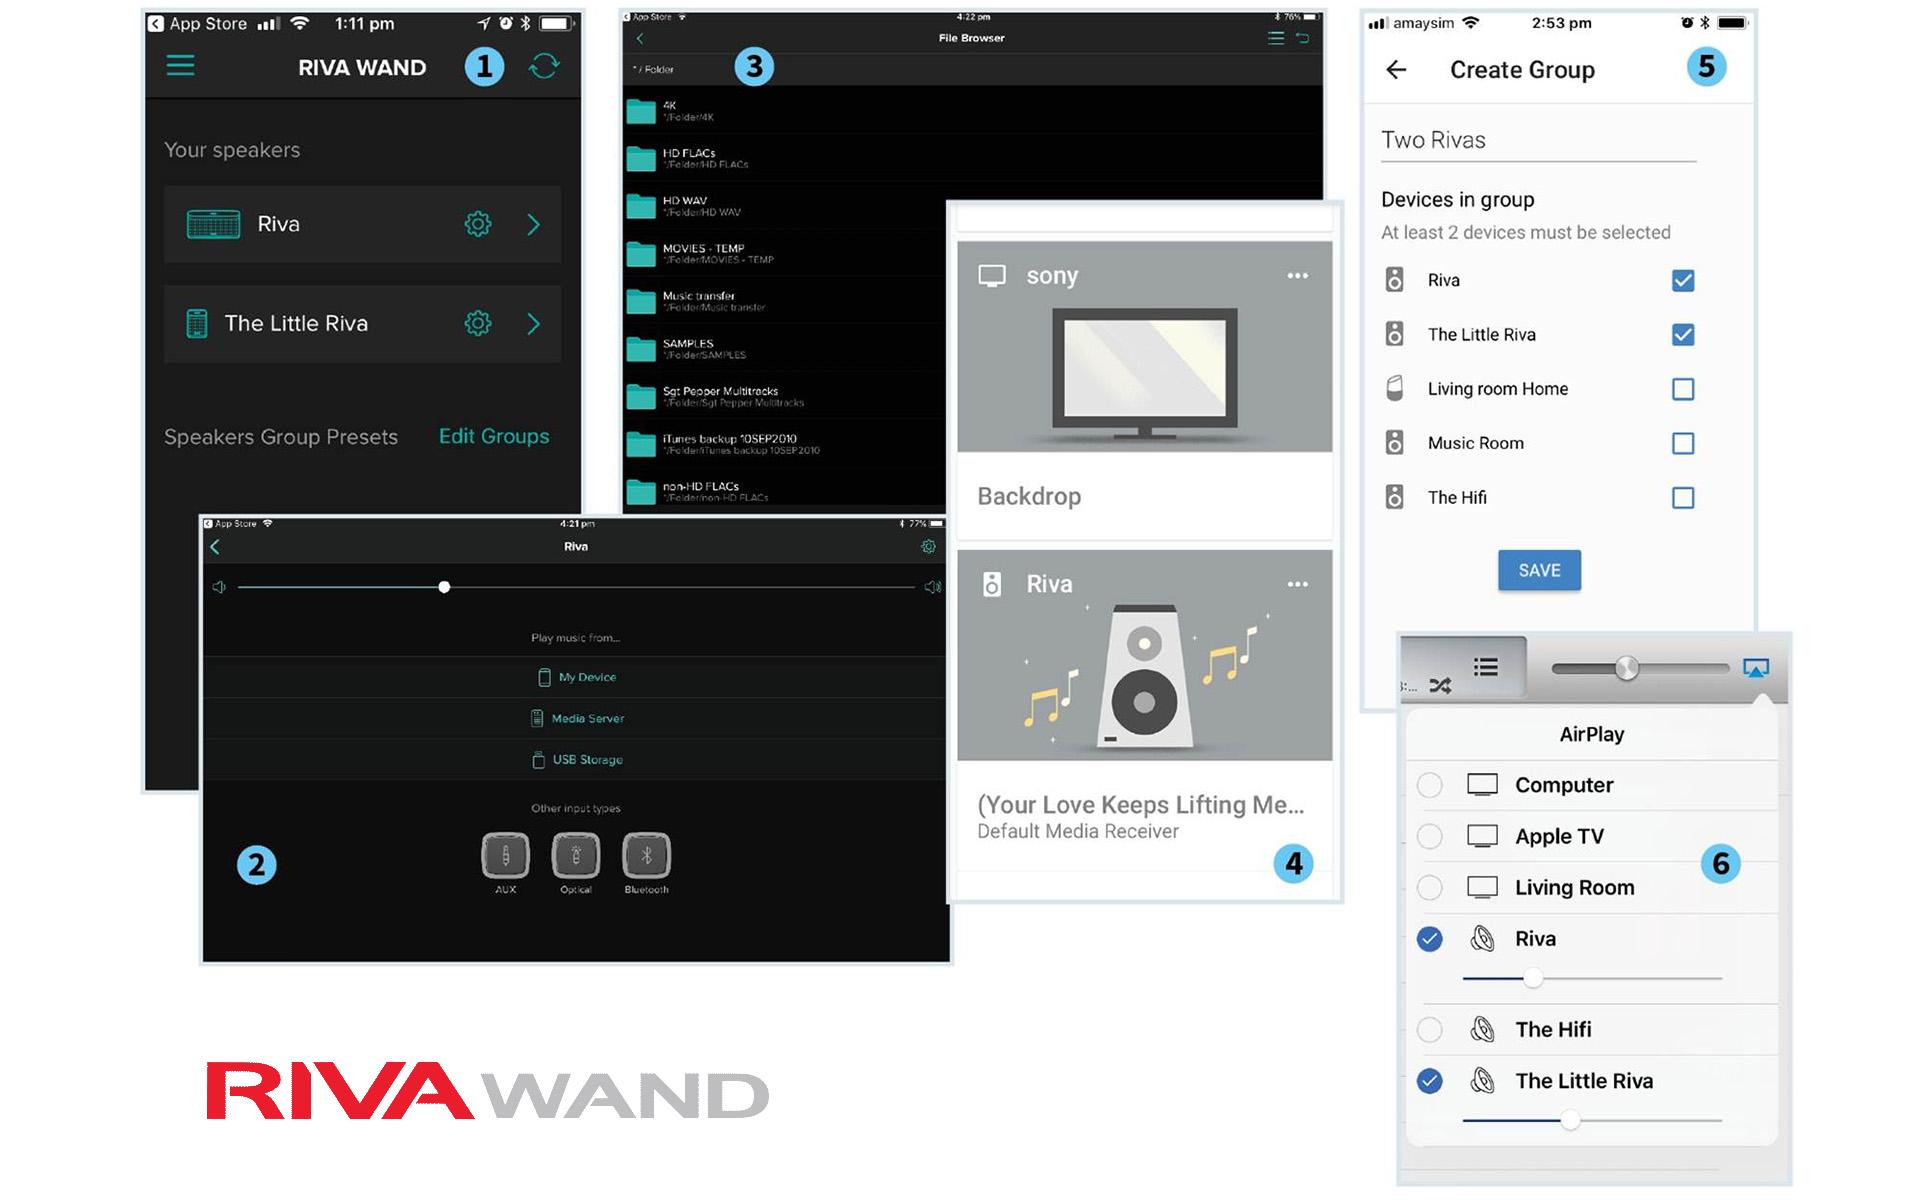 Удобное приложение помогает собрать из моделей серии WAND мультирум-систему